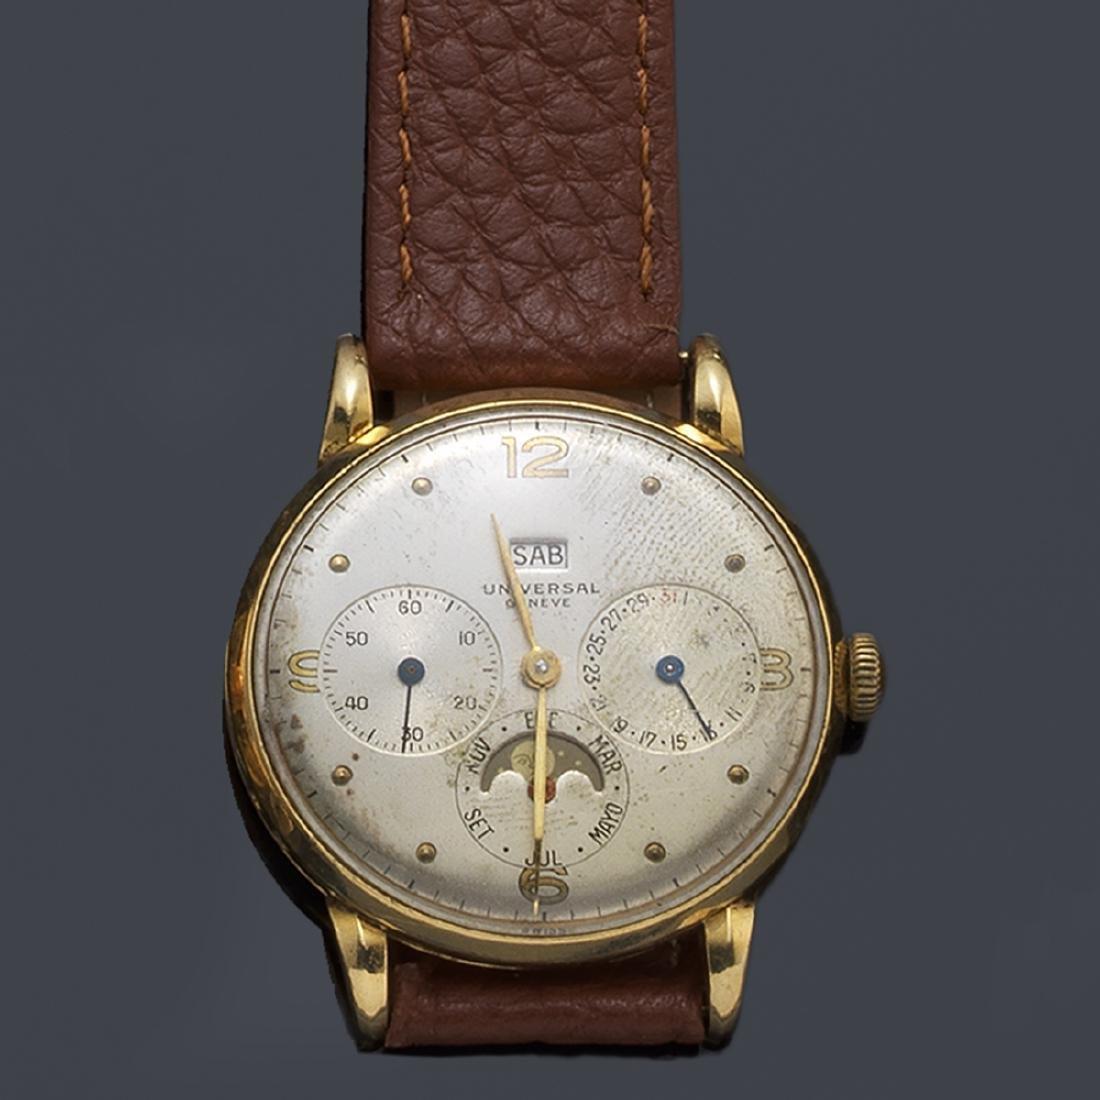 UNIVERSAL. Men's triple calendar watch with case in 18K